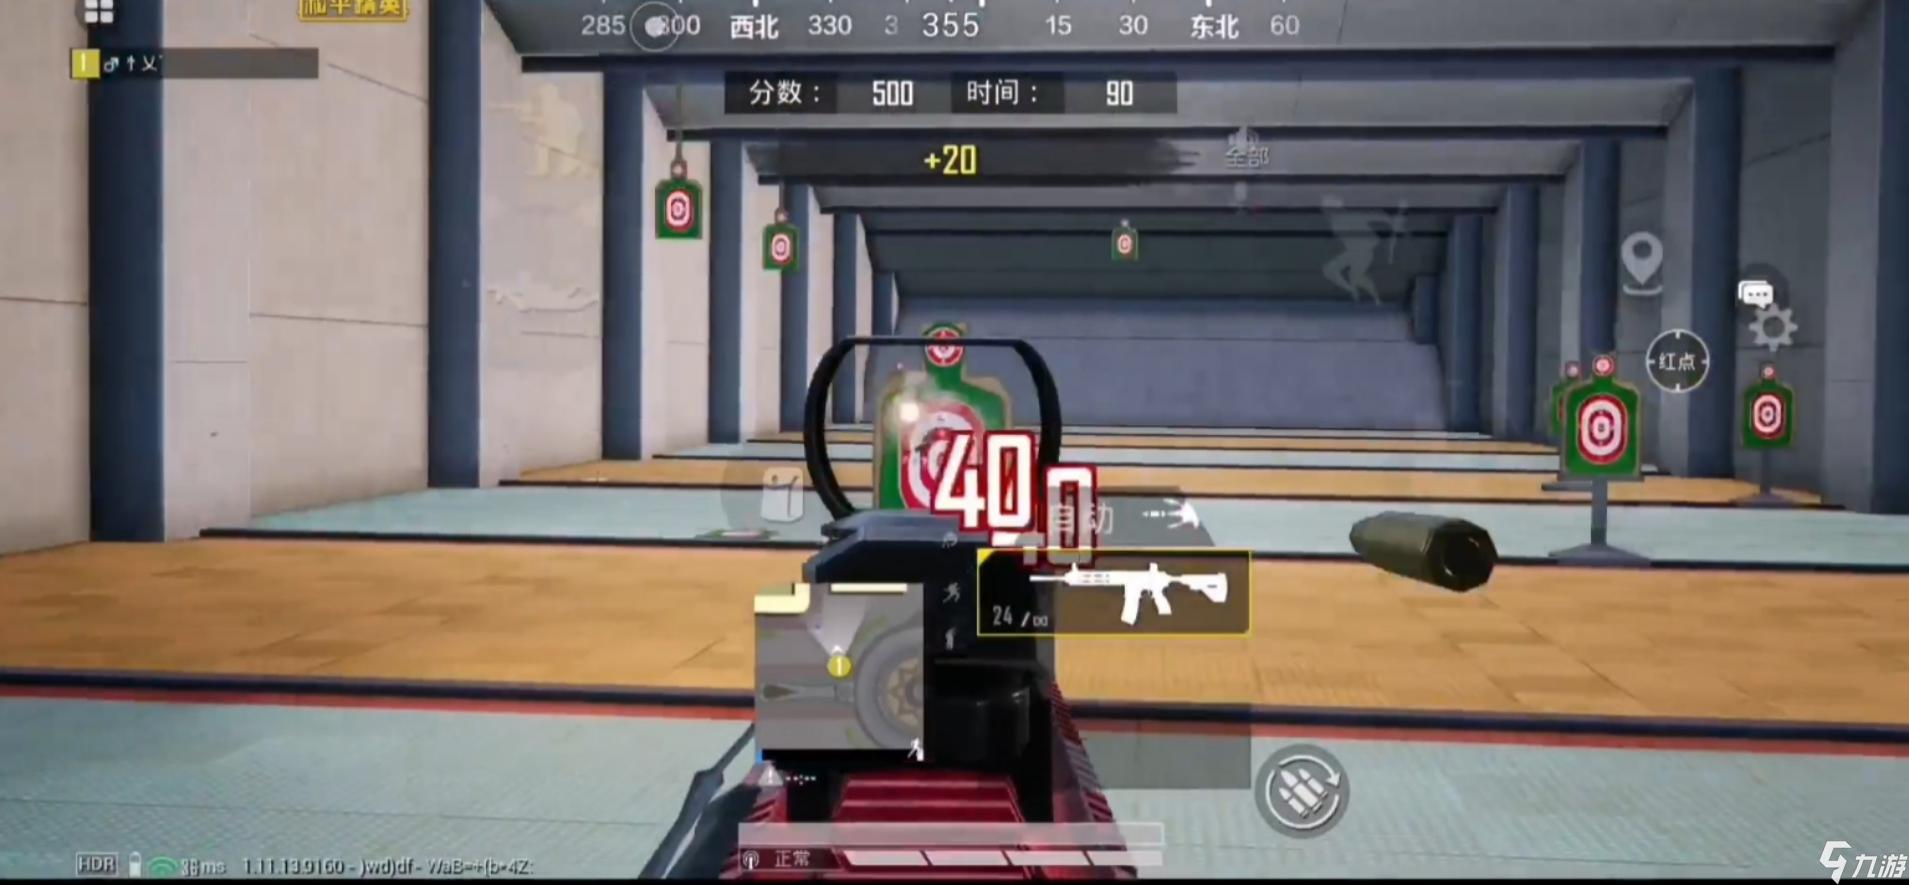 和平精英室内靶场怎么玩 和平精英靶场玩法讲解